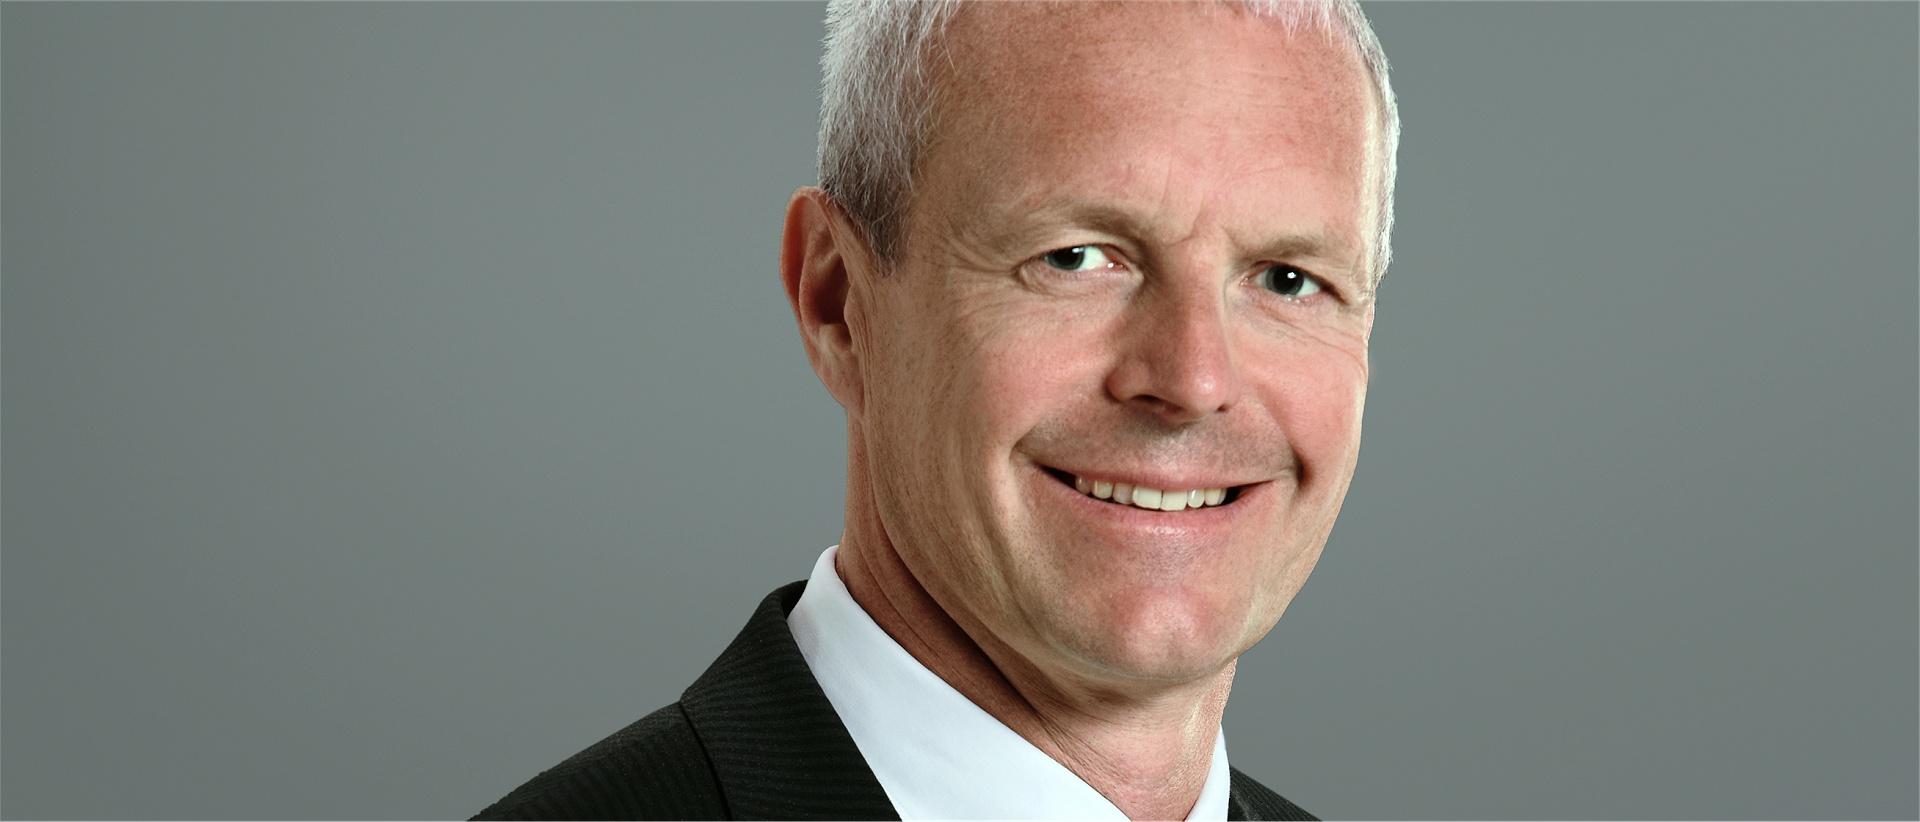 Alexander Gapp